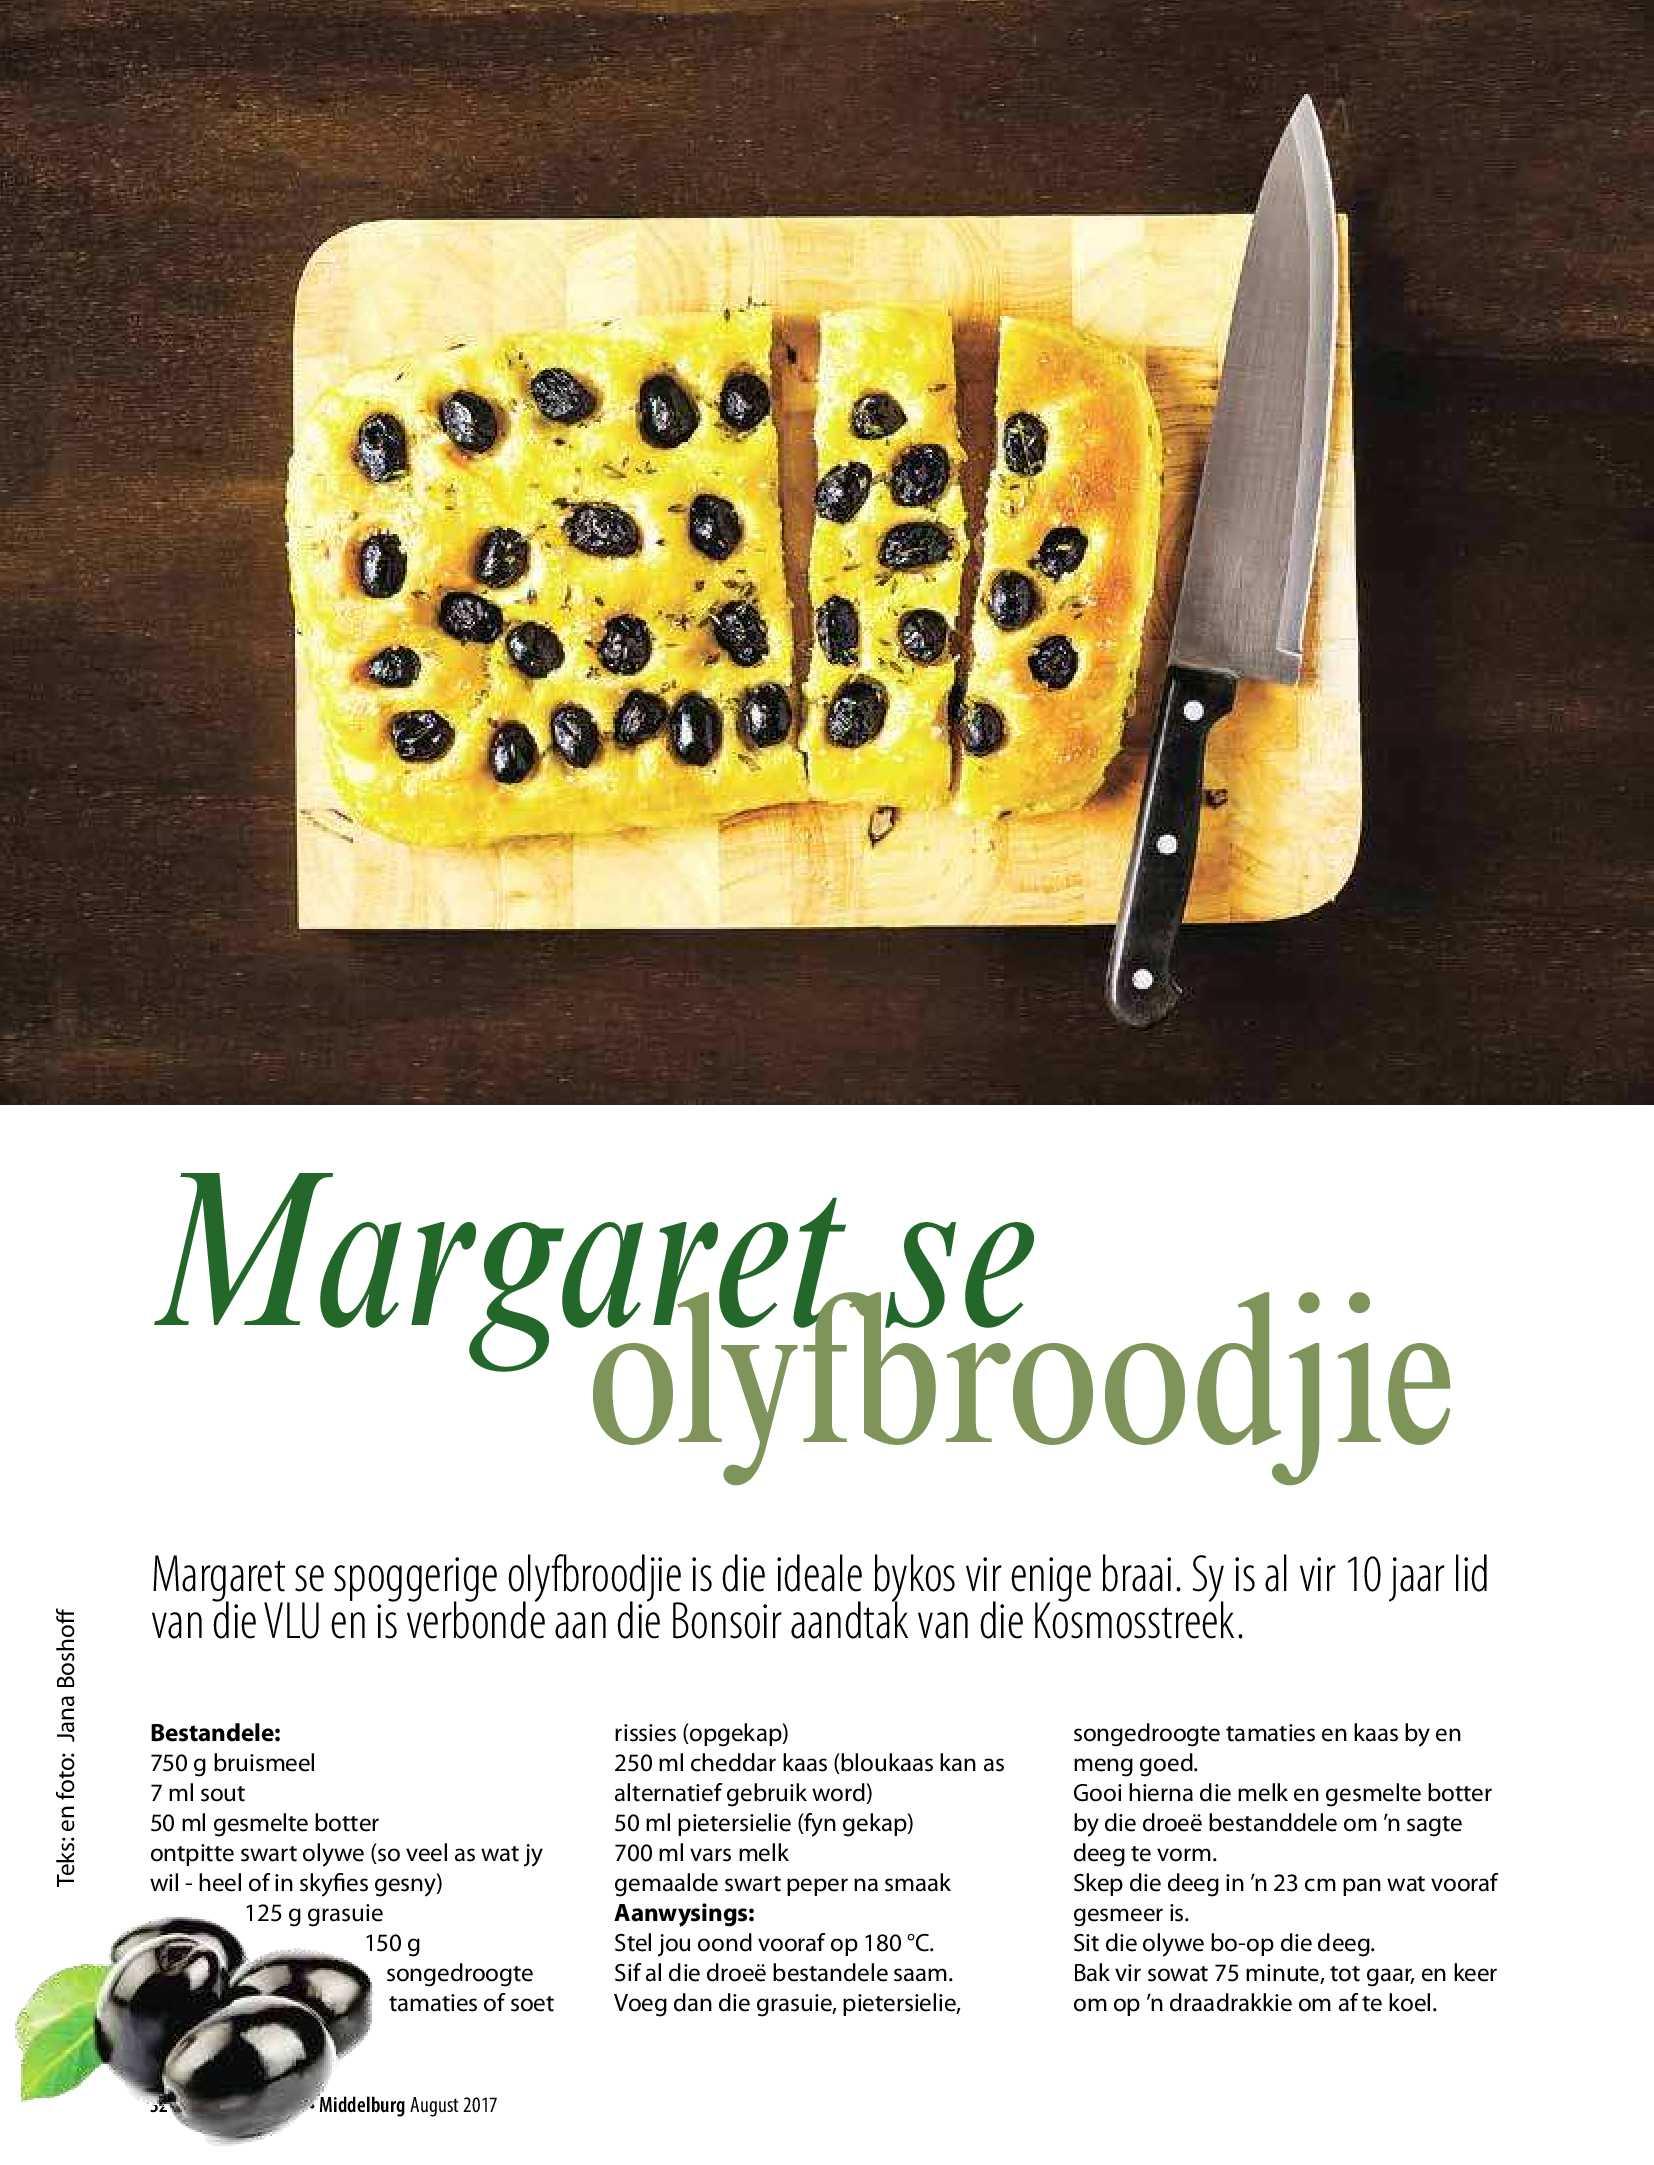 get-middelburg-september-2017-epapers-page-50